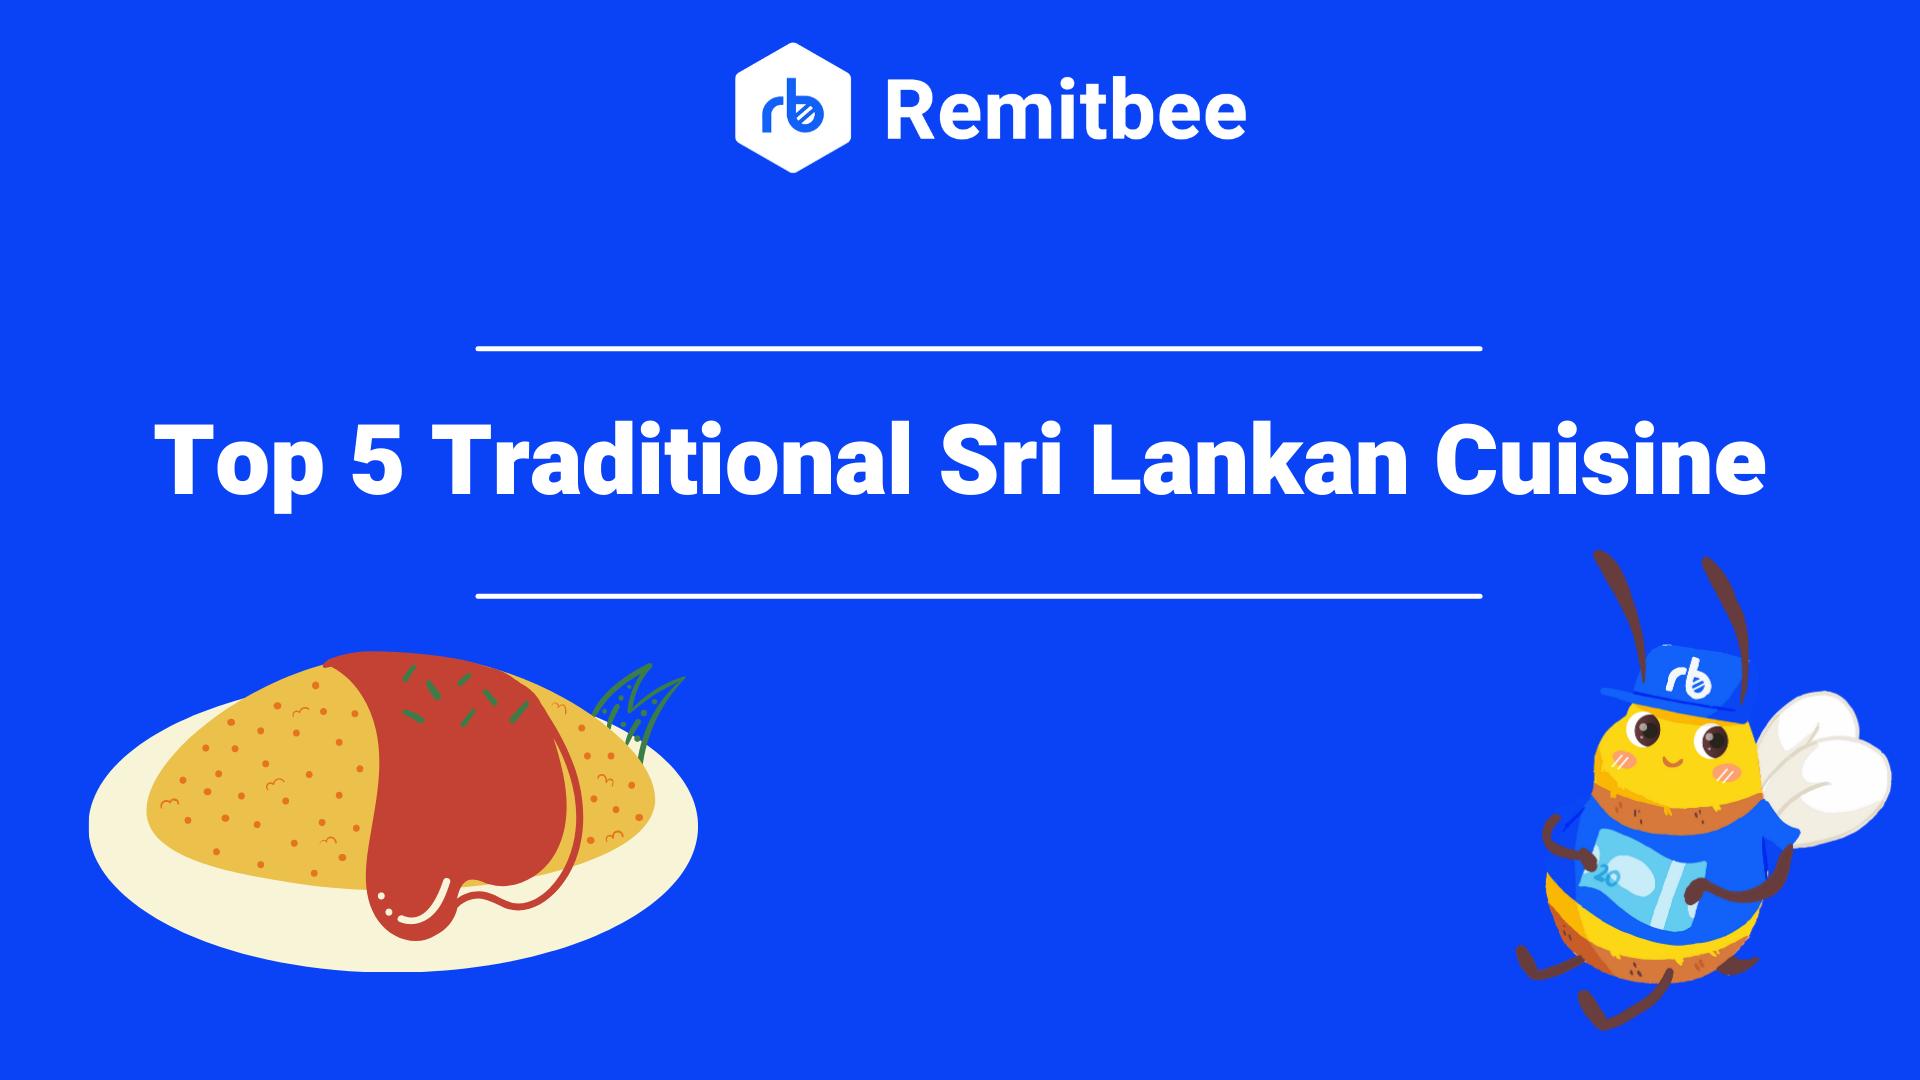 Top 5 Traditional Sri Lankan cuisines